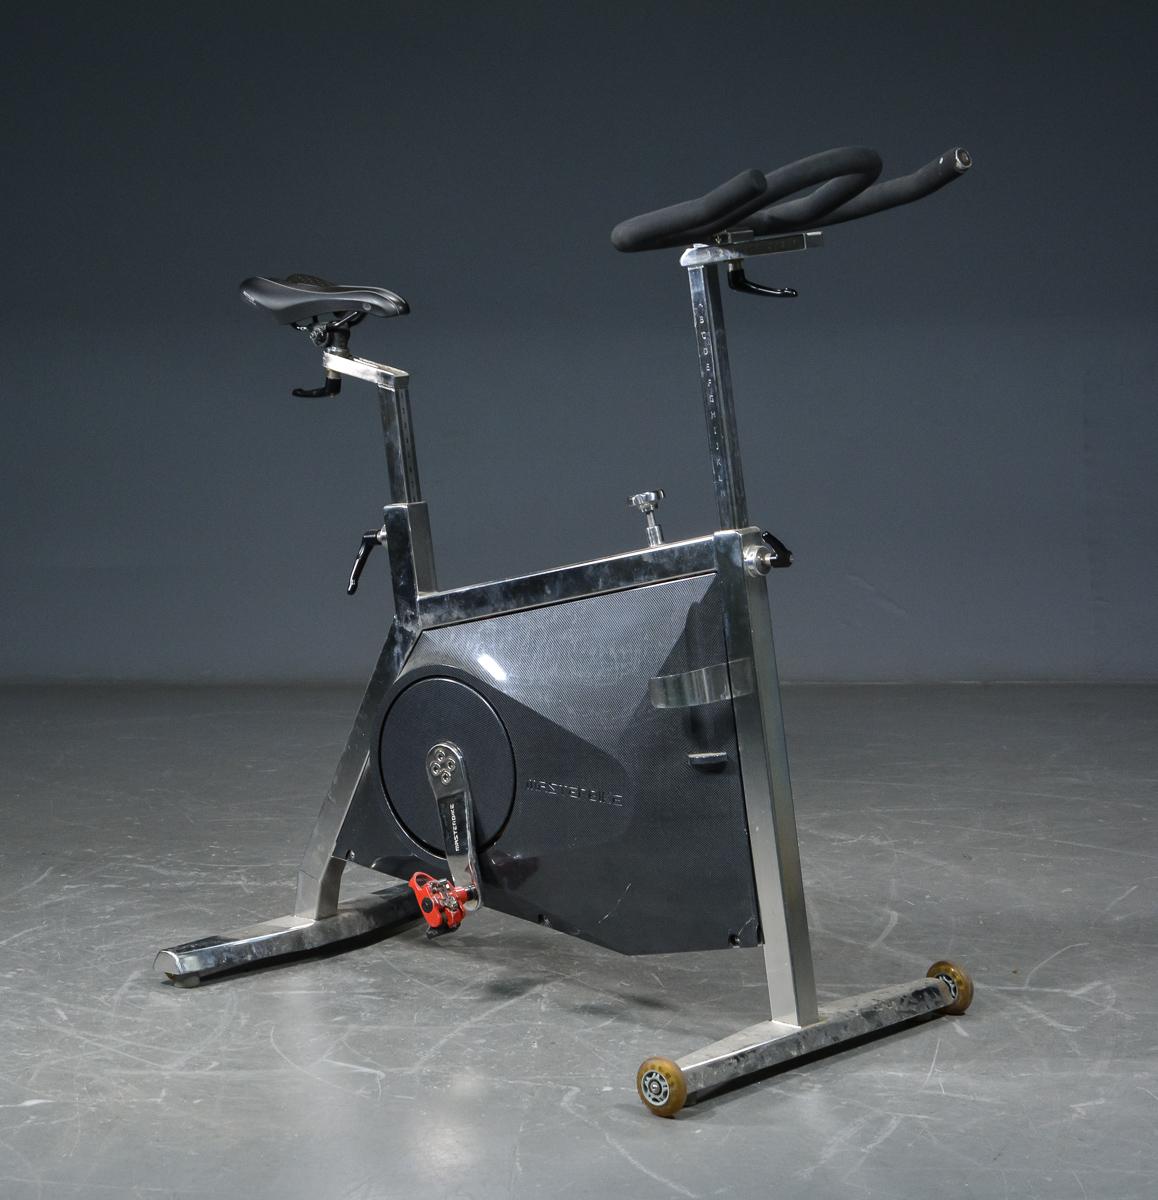 Masterbike, professionel spinningcykel - Masterbike, professionel spinningcykel i rustfri stål, monteret med Kettler sadel. Brugsspor samt antiseptisk gummi med slitage